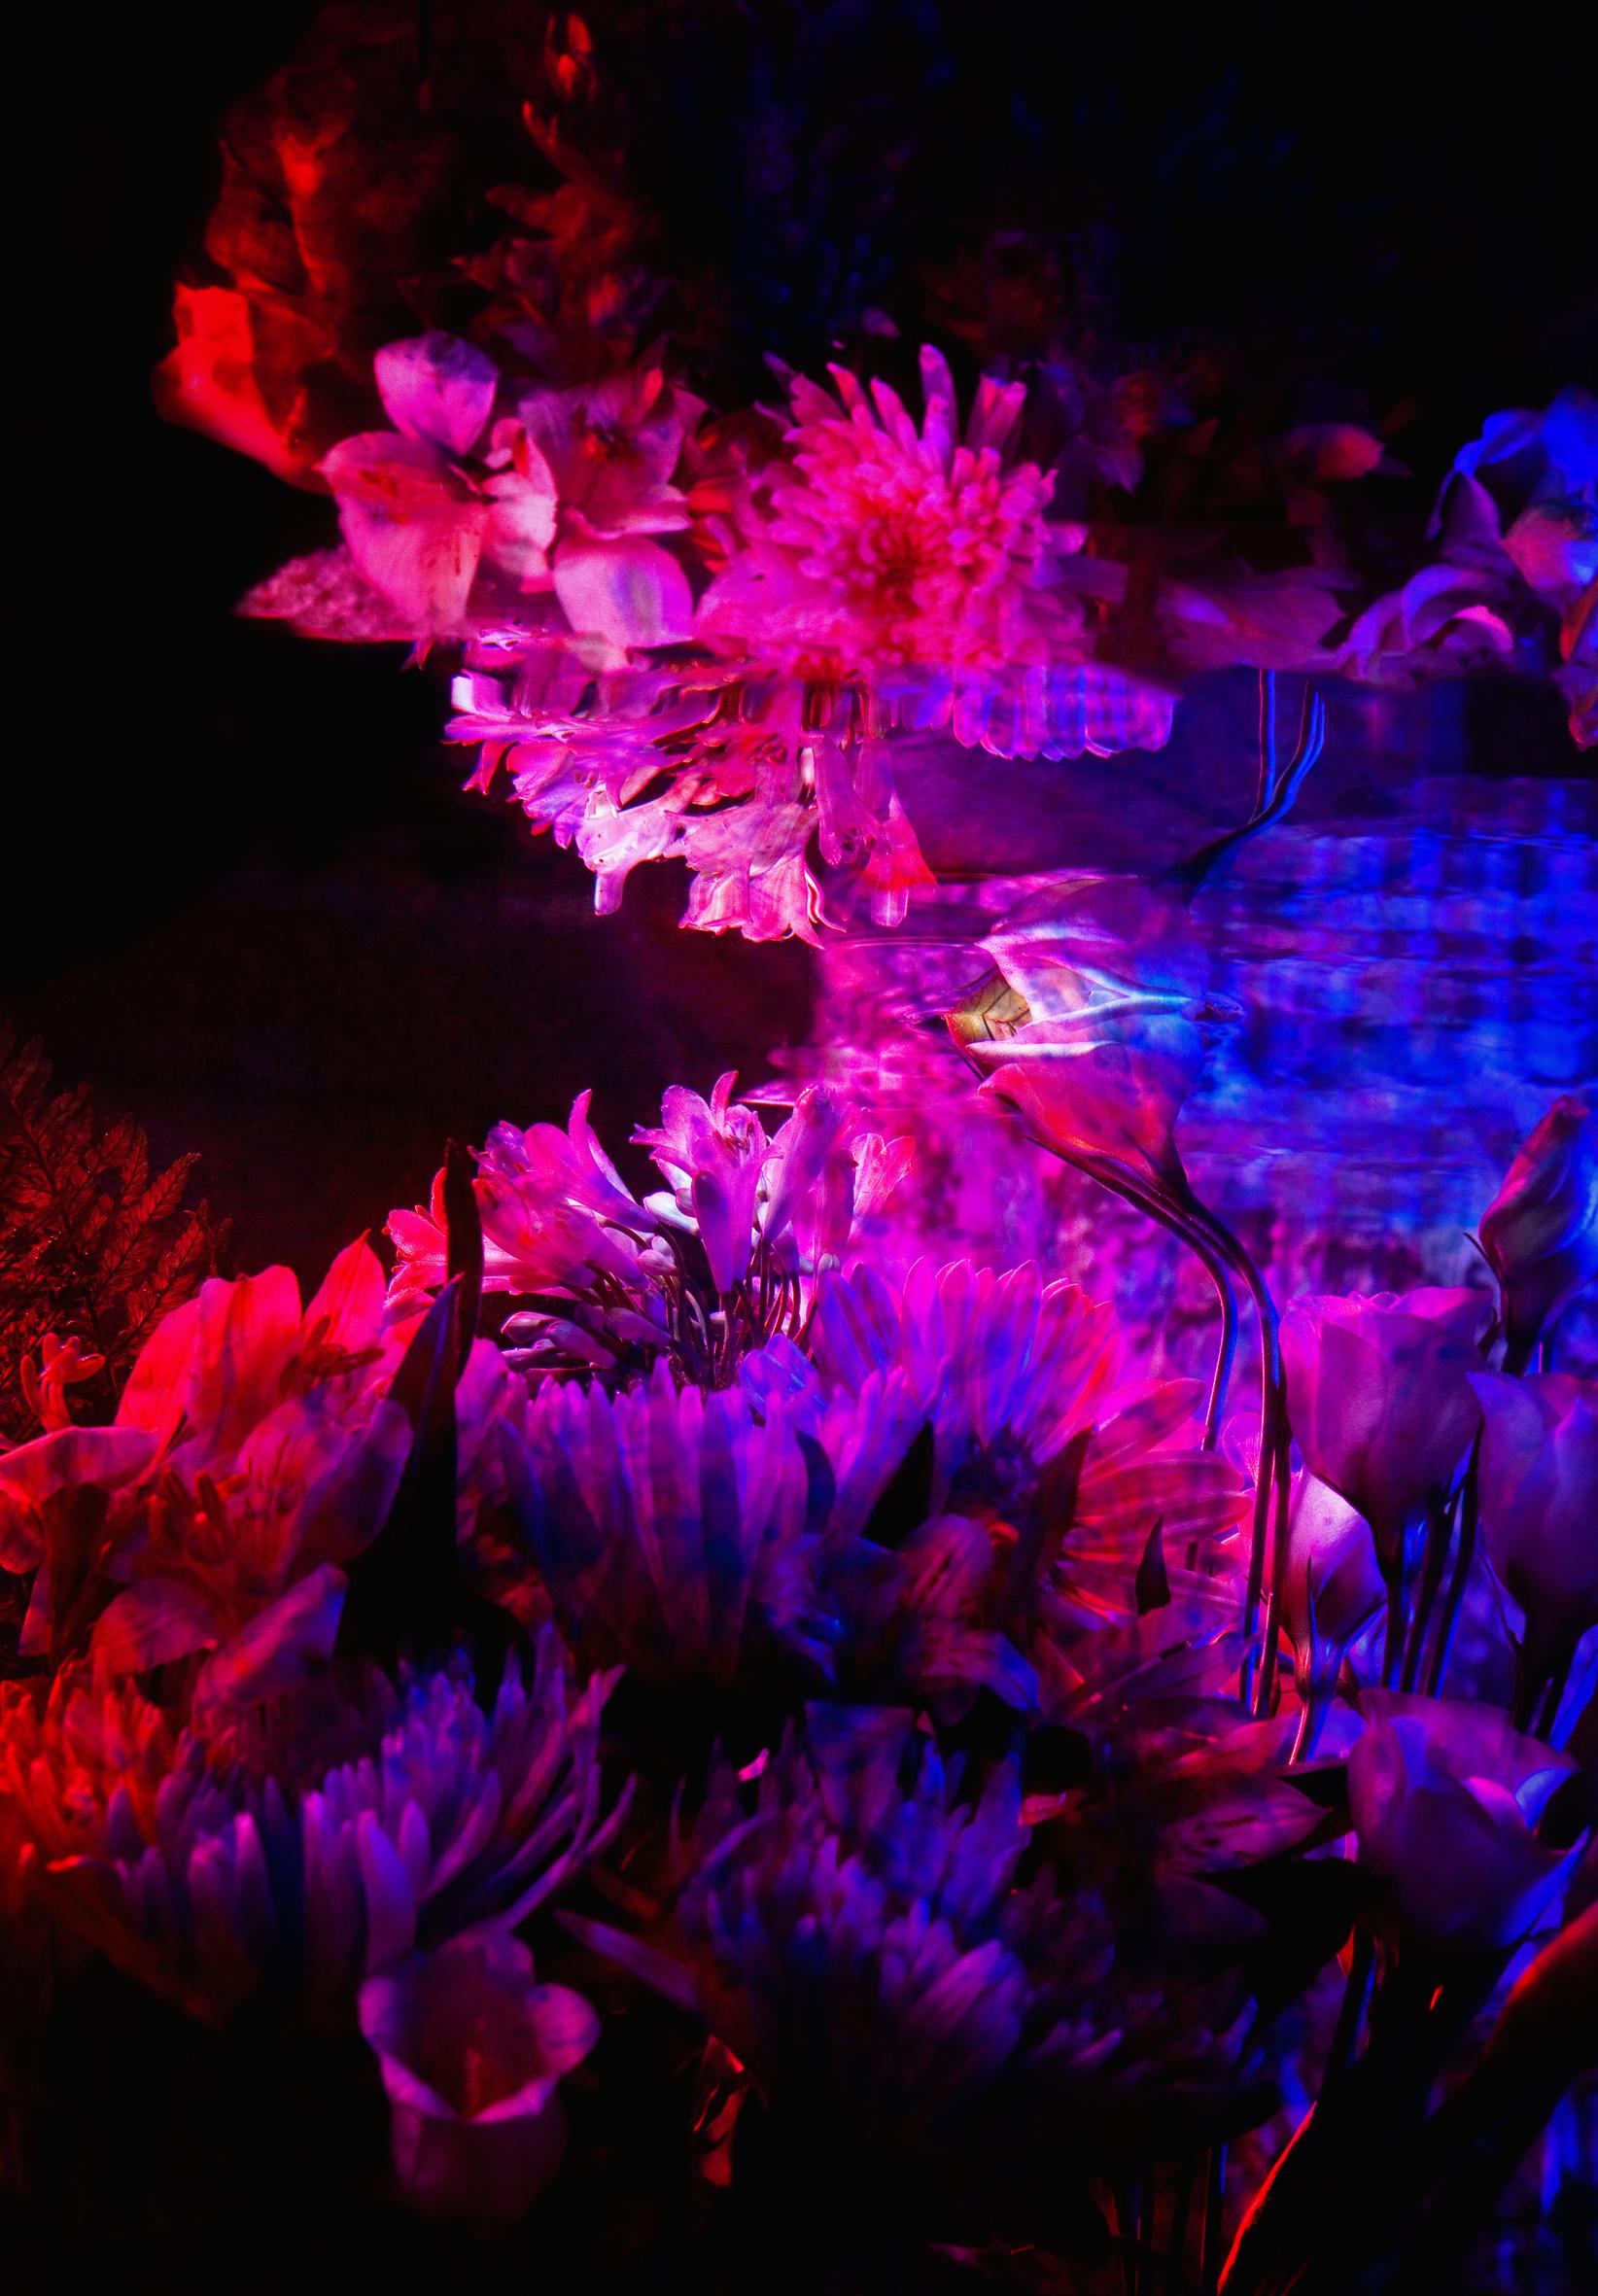 0020_-Bloemen stillleven-aug2013-0210.jpg